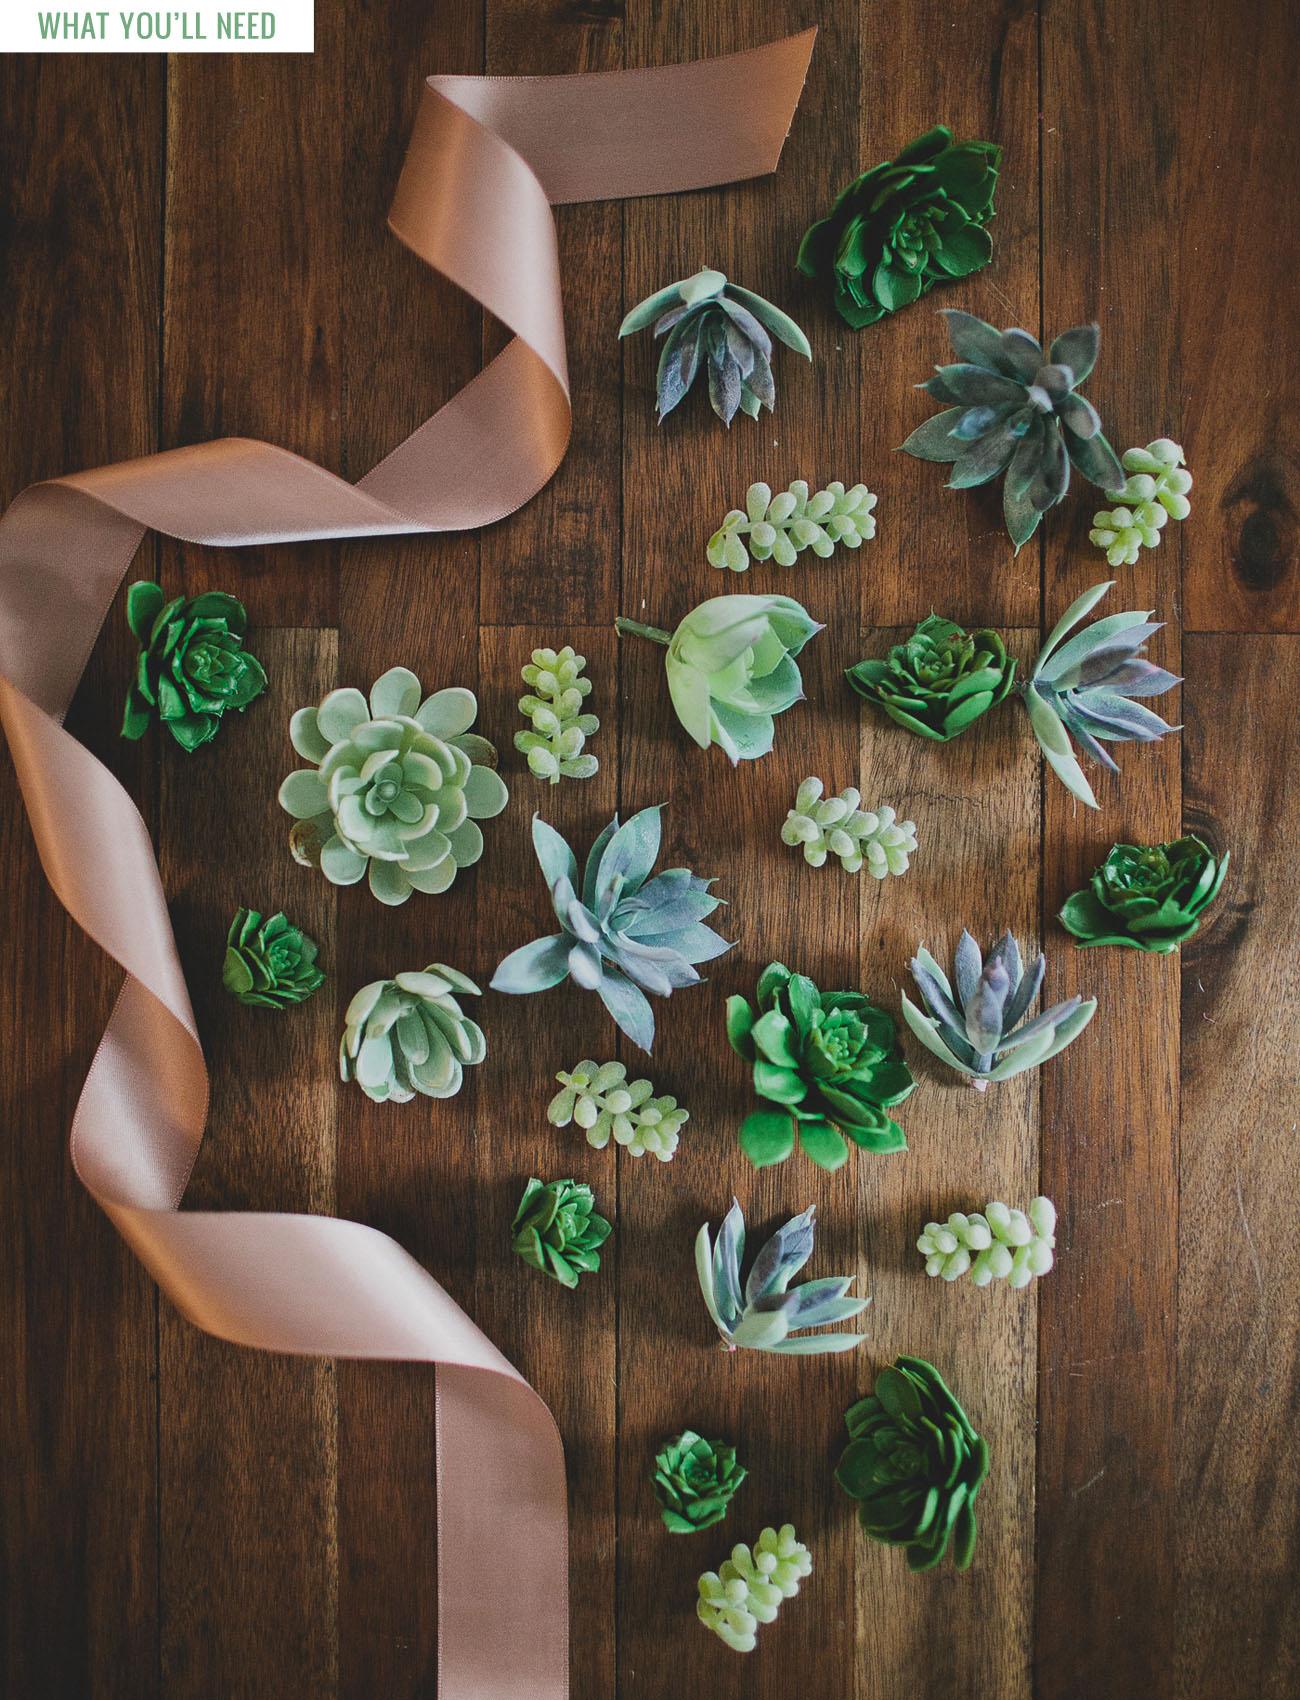 DIY Succulent Cuff